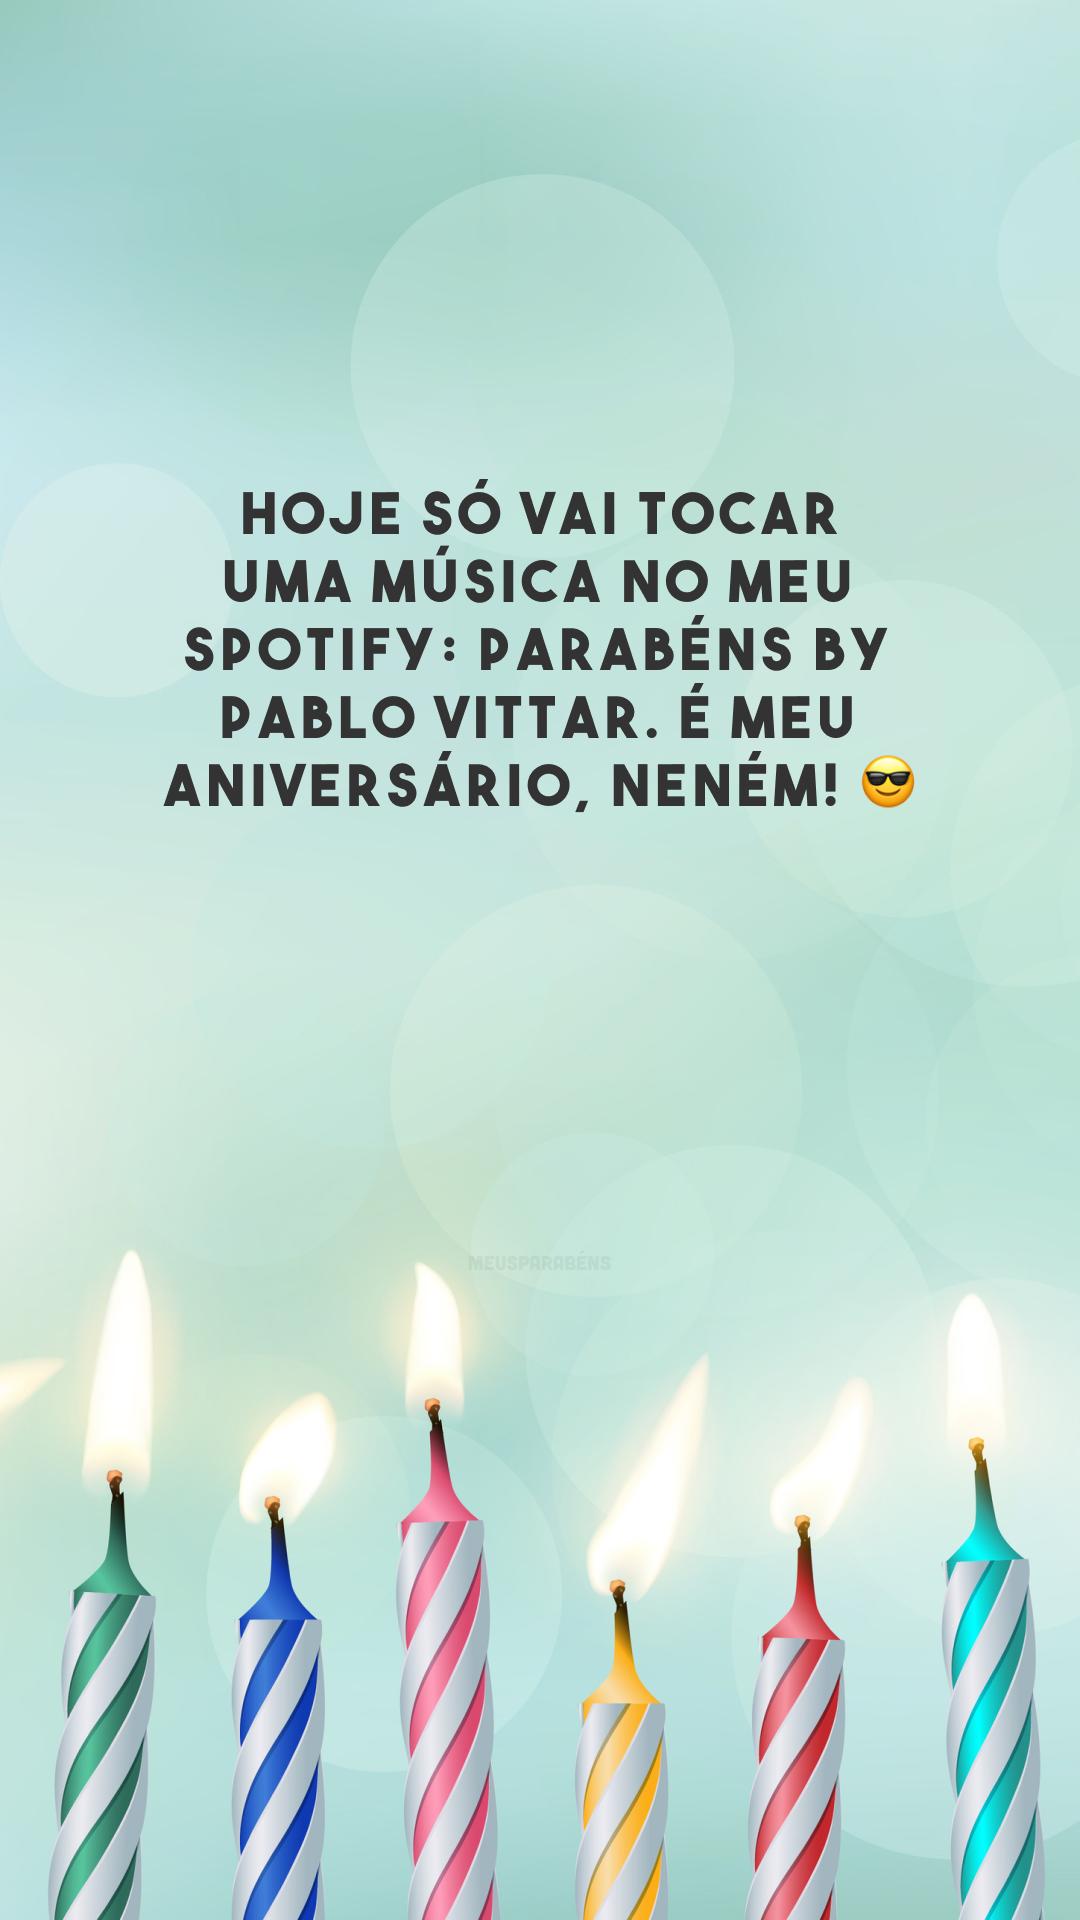 Hoje só vai tocar uma música no meu Spotify: Parabéns by Pablo Vittar. É meu aniversário, neném! 😎